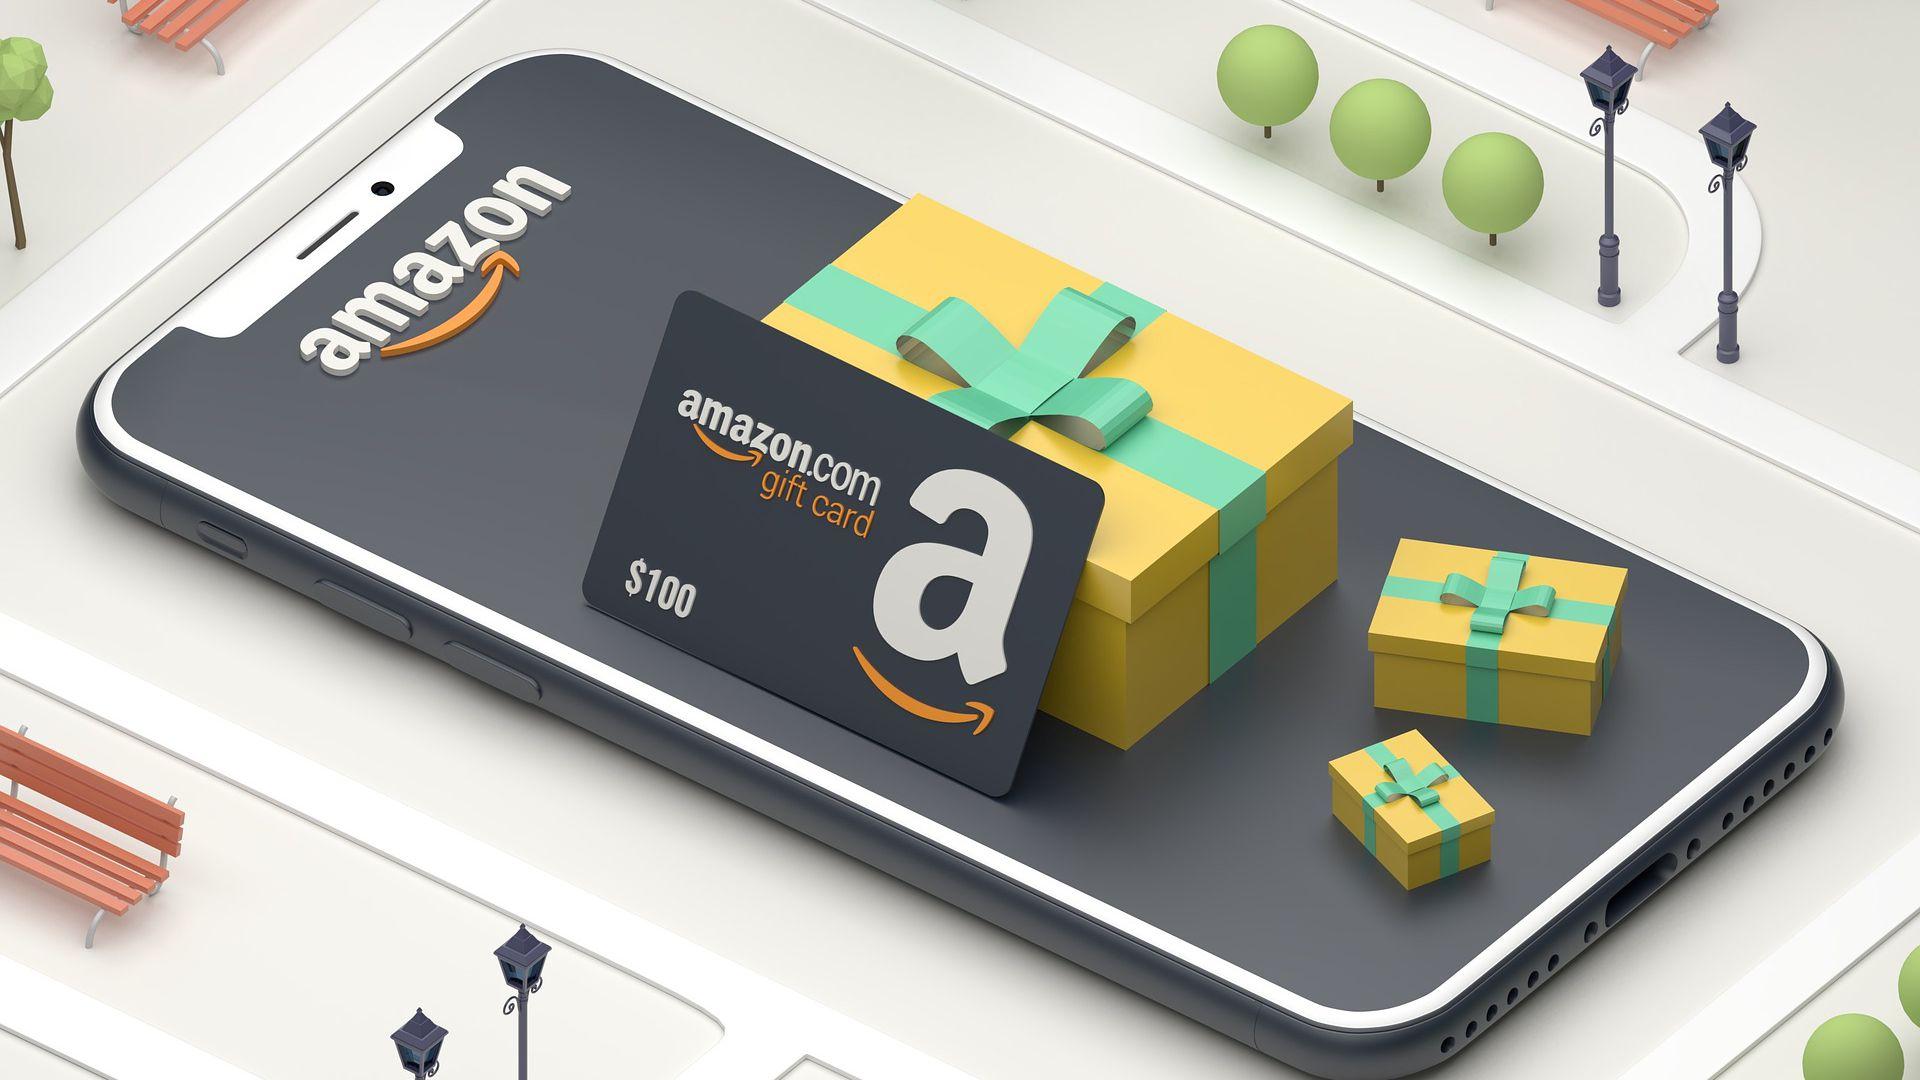 Who Are Amazon's (AMZN) Main Competitors?